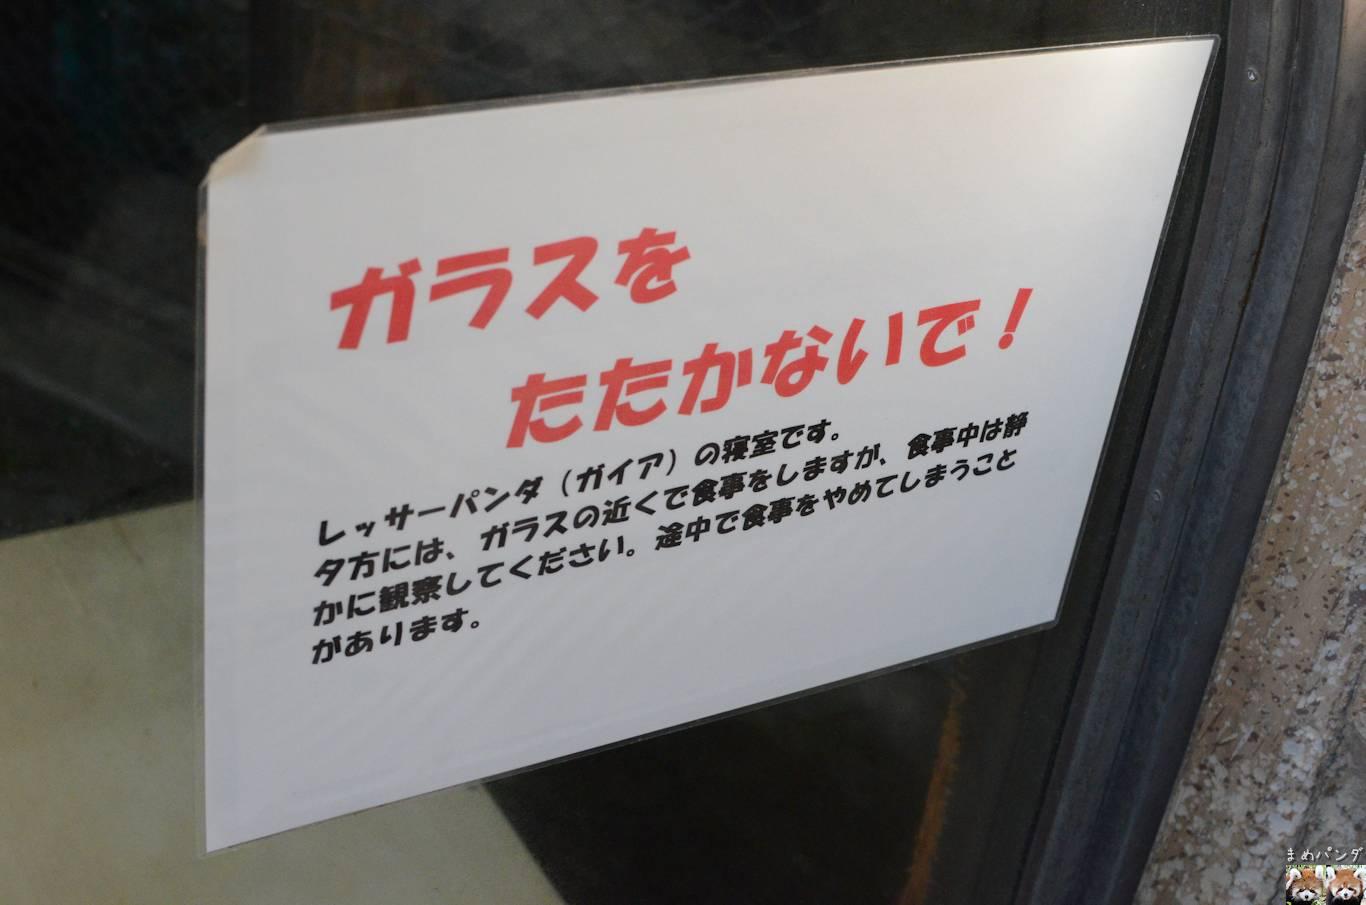 018_2383.jpg